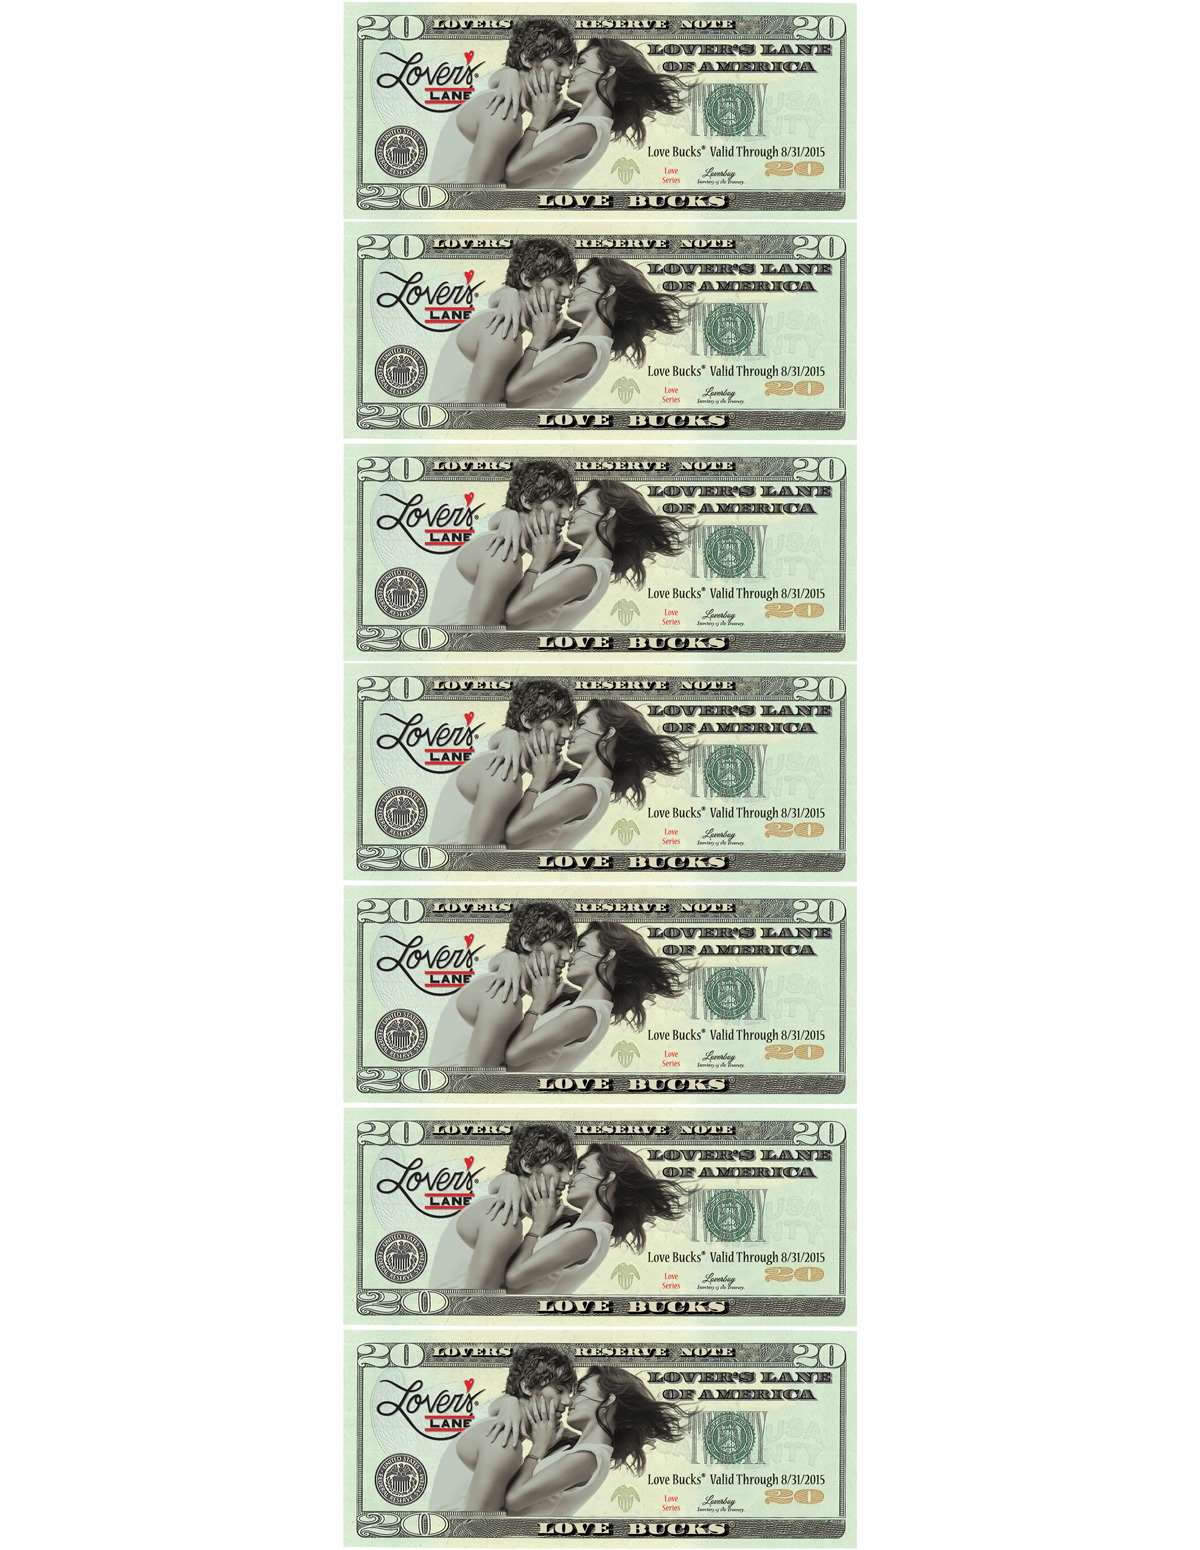 $140 Love Buck